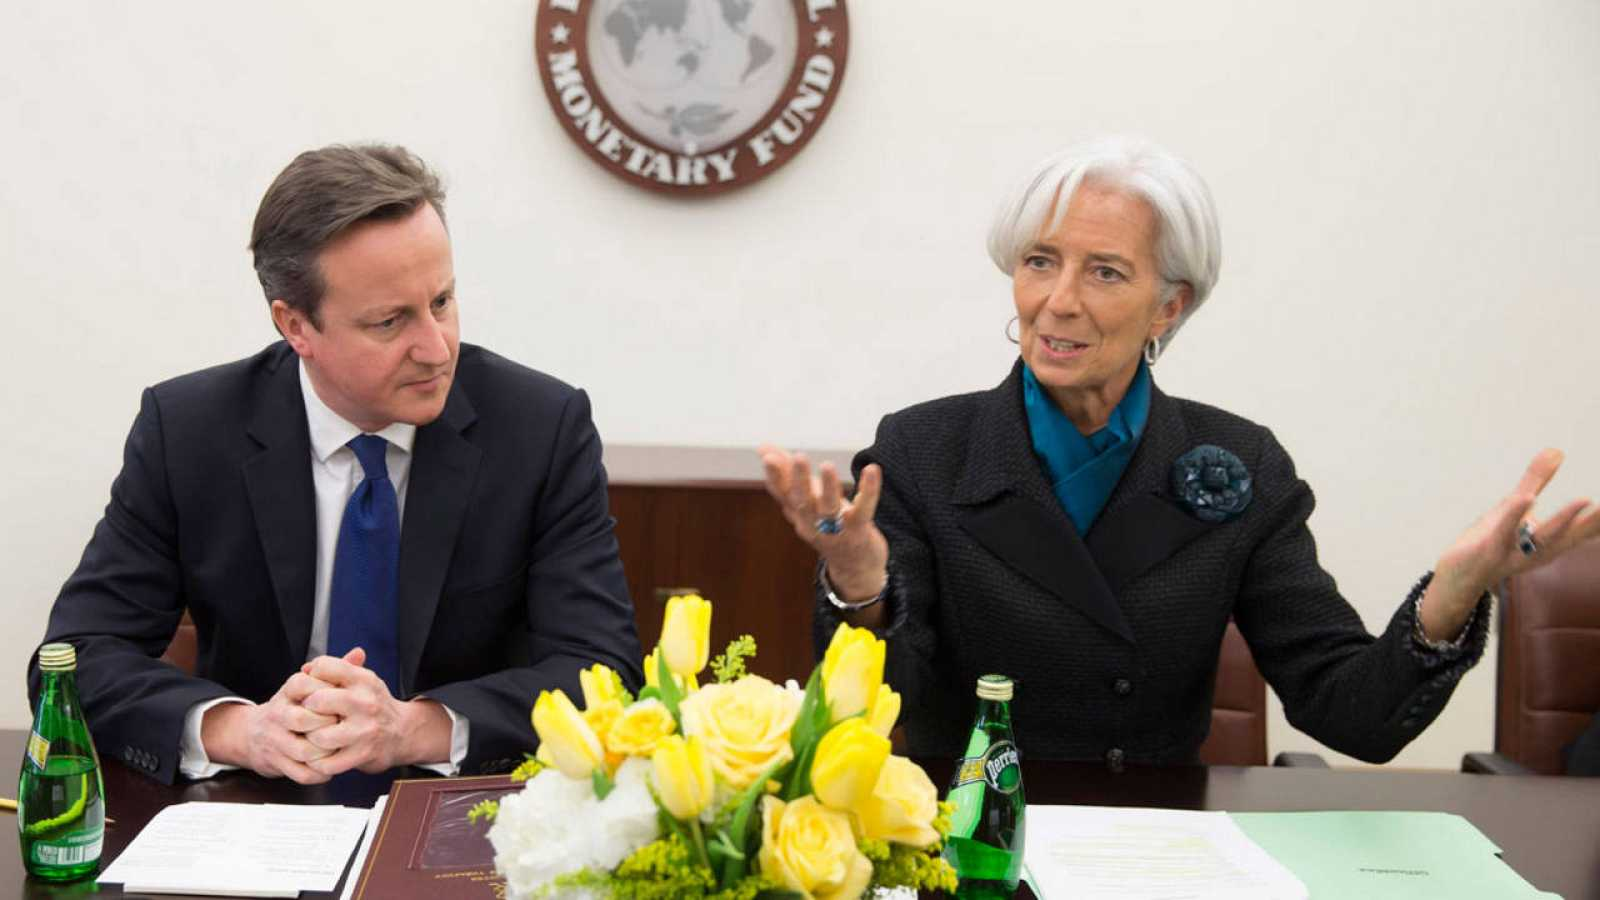 El primer ministro británico junto a la directora gerente del FMI